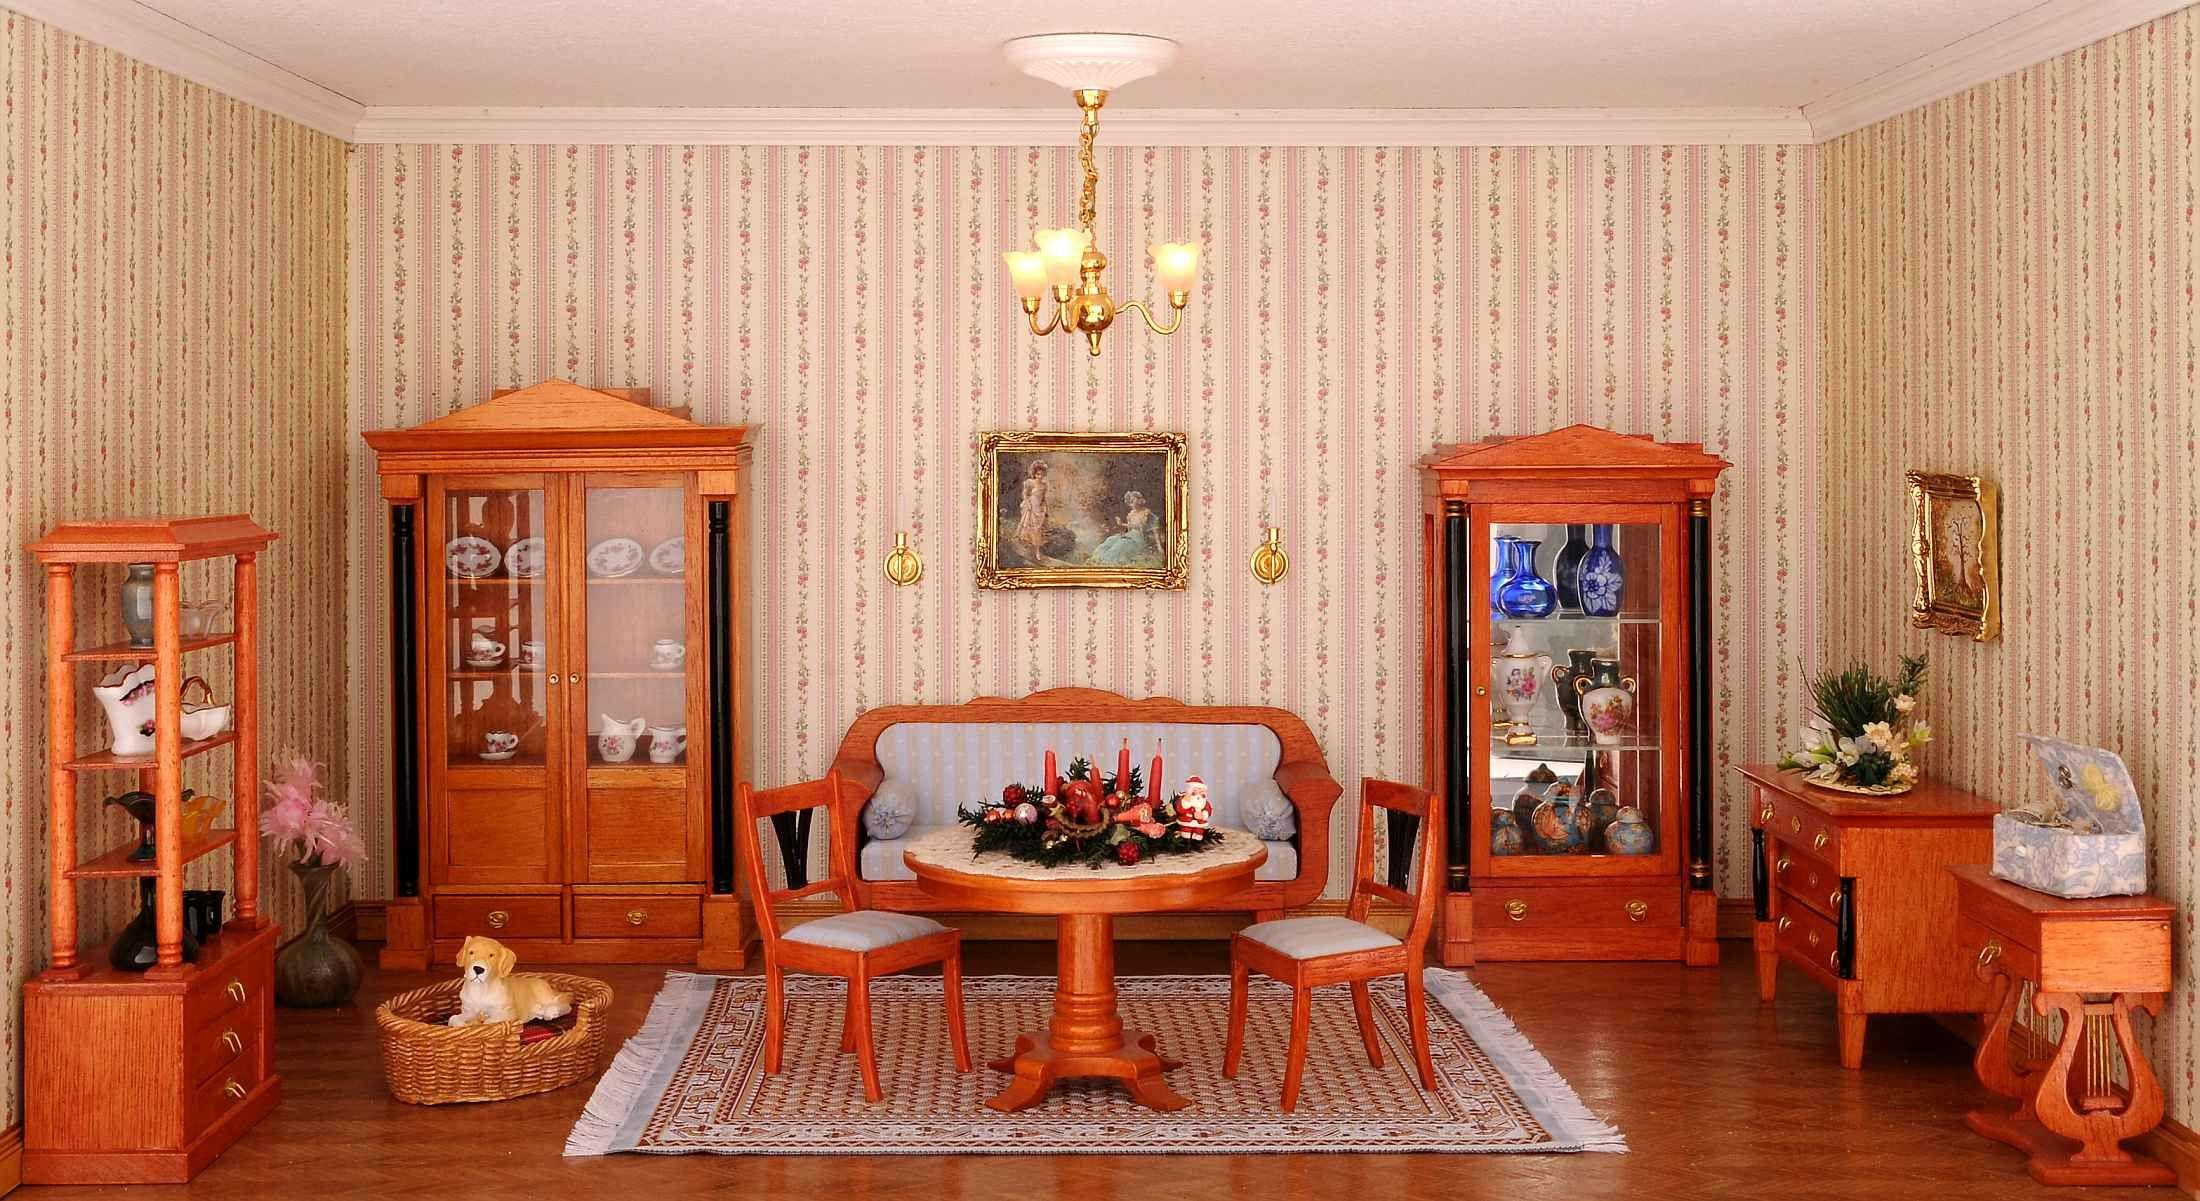 Mini Wohnzimmer ~ Unser biedermeier wohnzimmer. die wohnkultur der biedermeierzeit